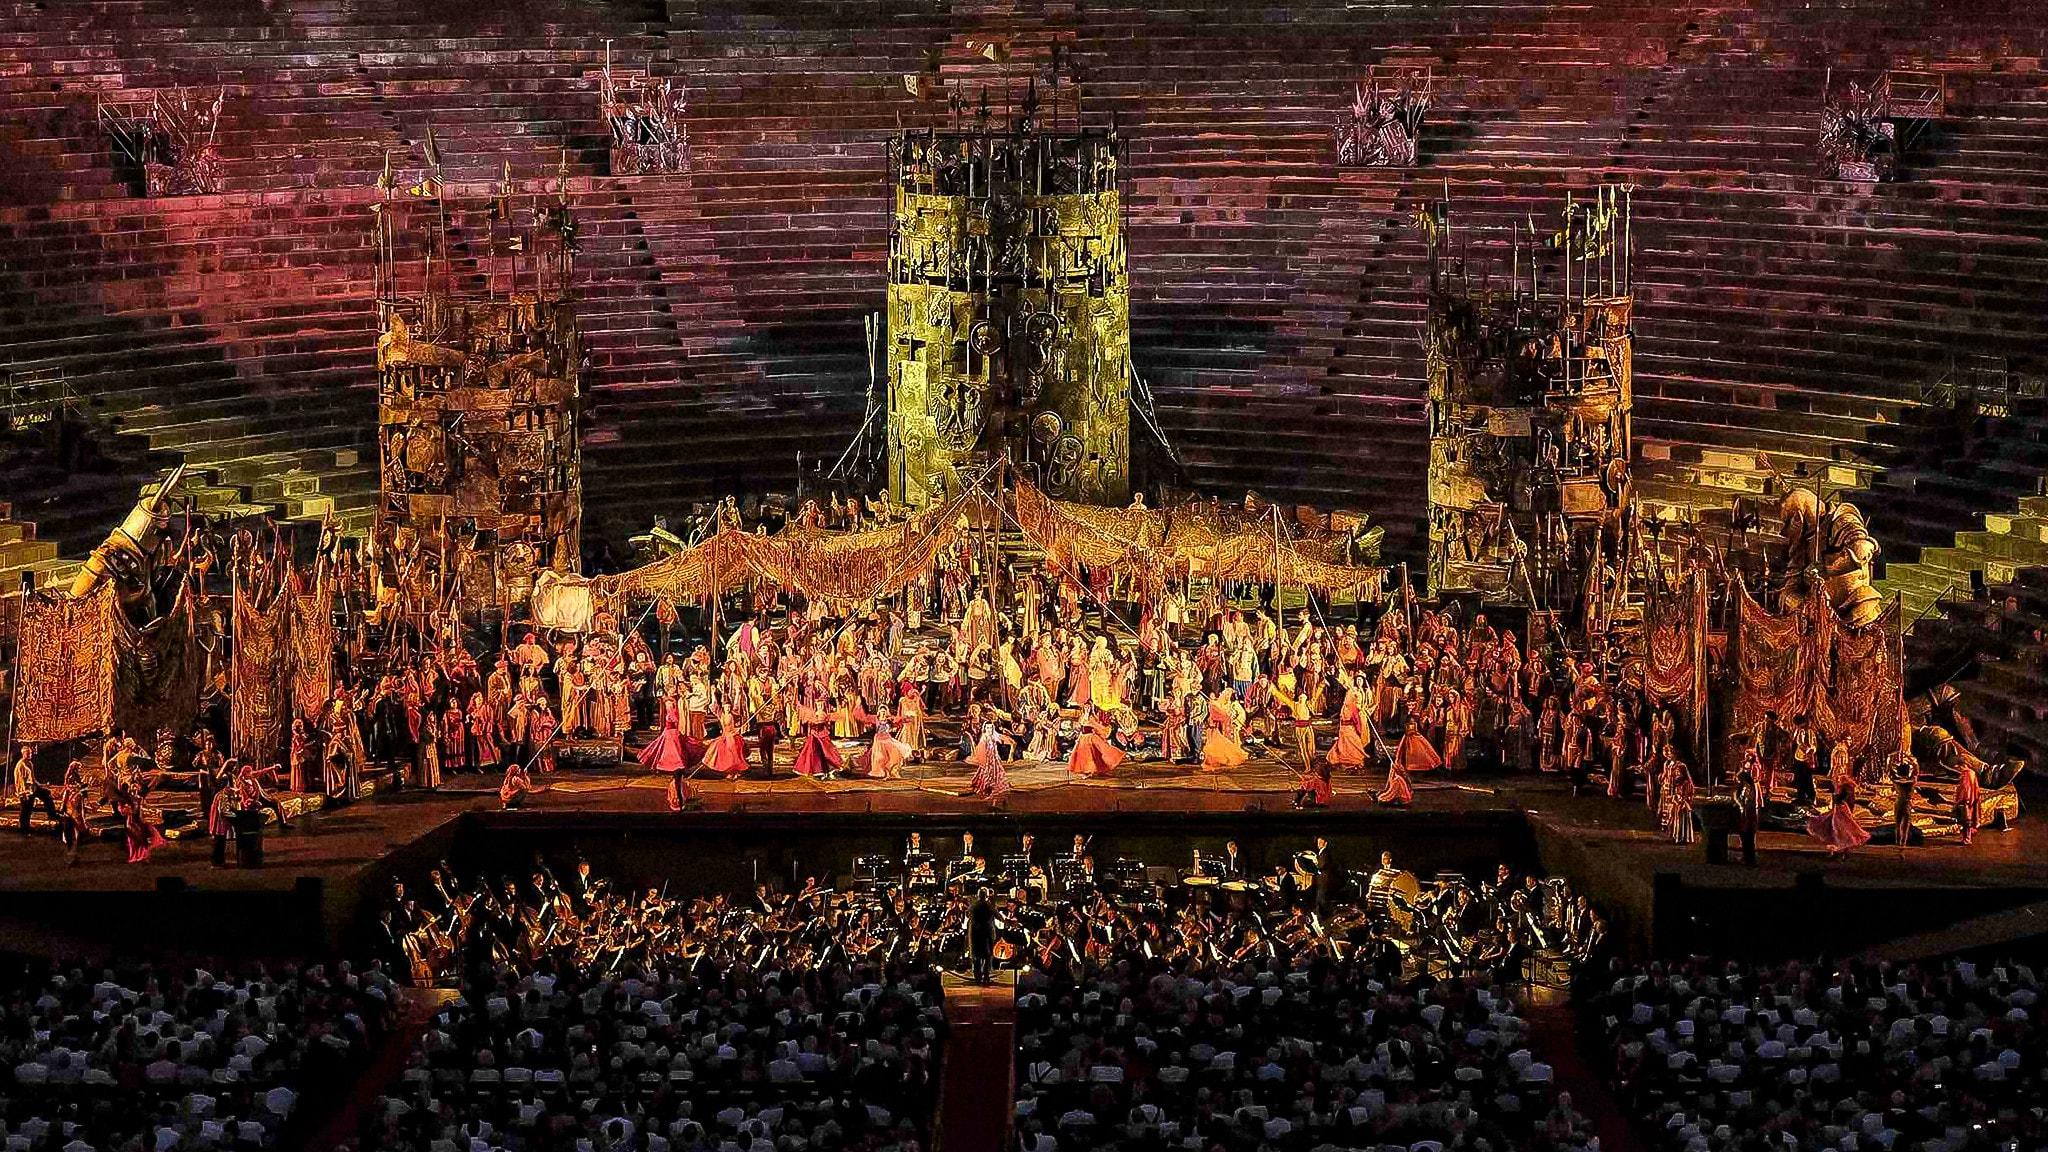 Rai 5 Il trovatore (Arena di Verona)